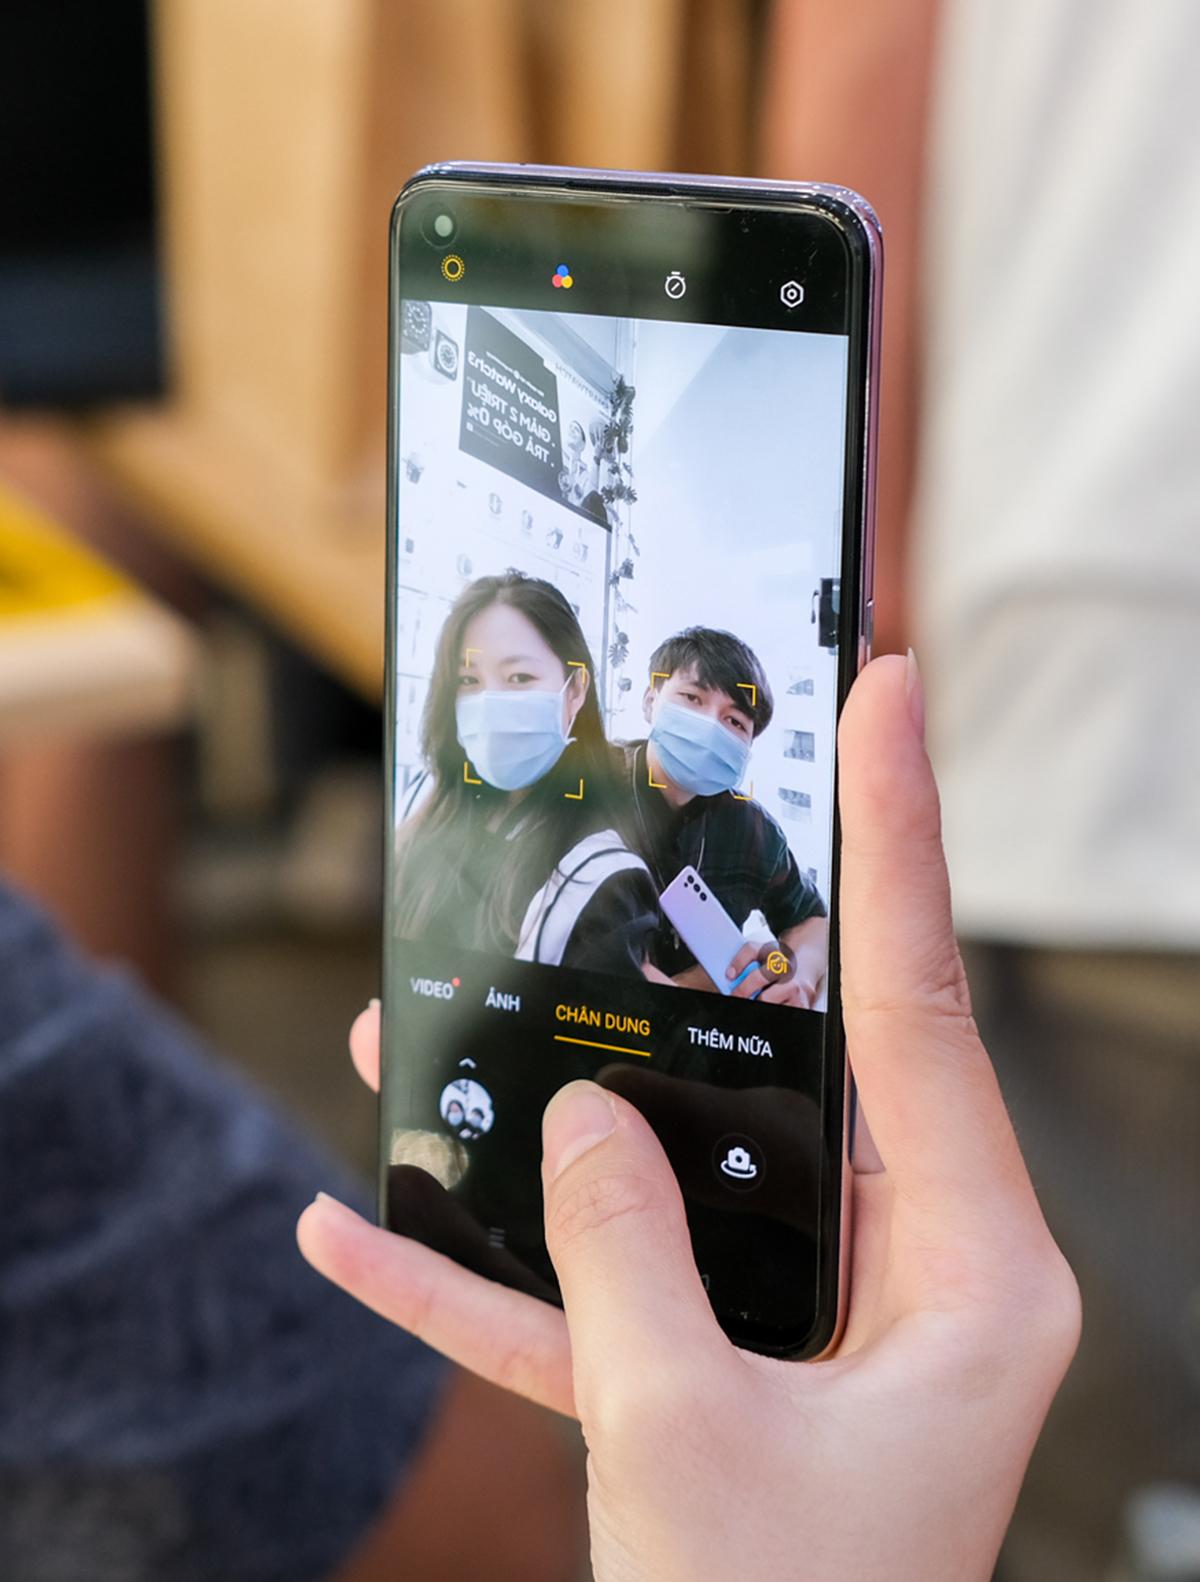 Điểm nổi bật của Reno5 là bộ 4 camera sau 64 magepixel và camera selfie 44 megapixel mang đến nhiều trải nghiệm nhiếp ảnh di động độc đáo, mới lạ như quay video phơi sáng kép, video hiển thị kép và video siêu quay đêm.